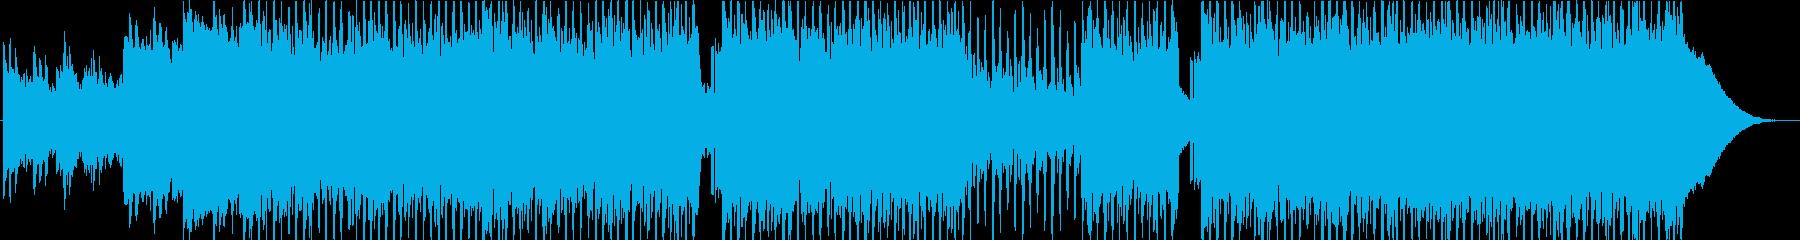 ピアノ 爽やか コーポレートの再生済みの波形